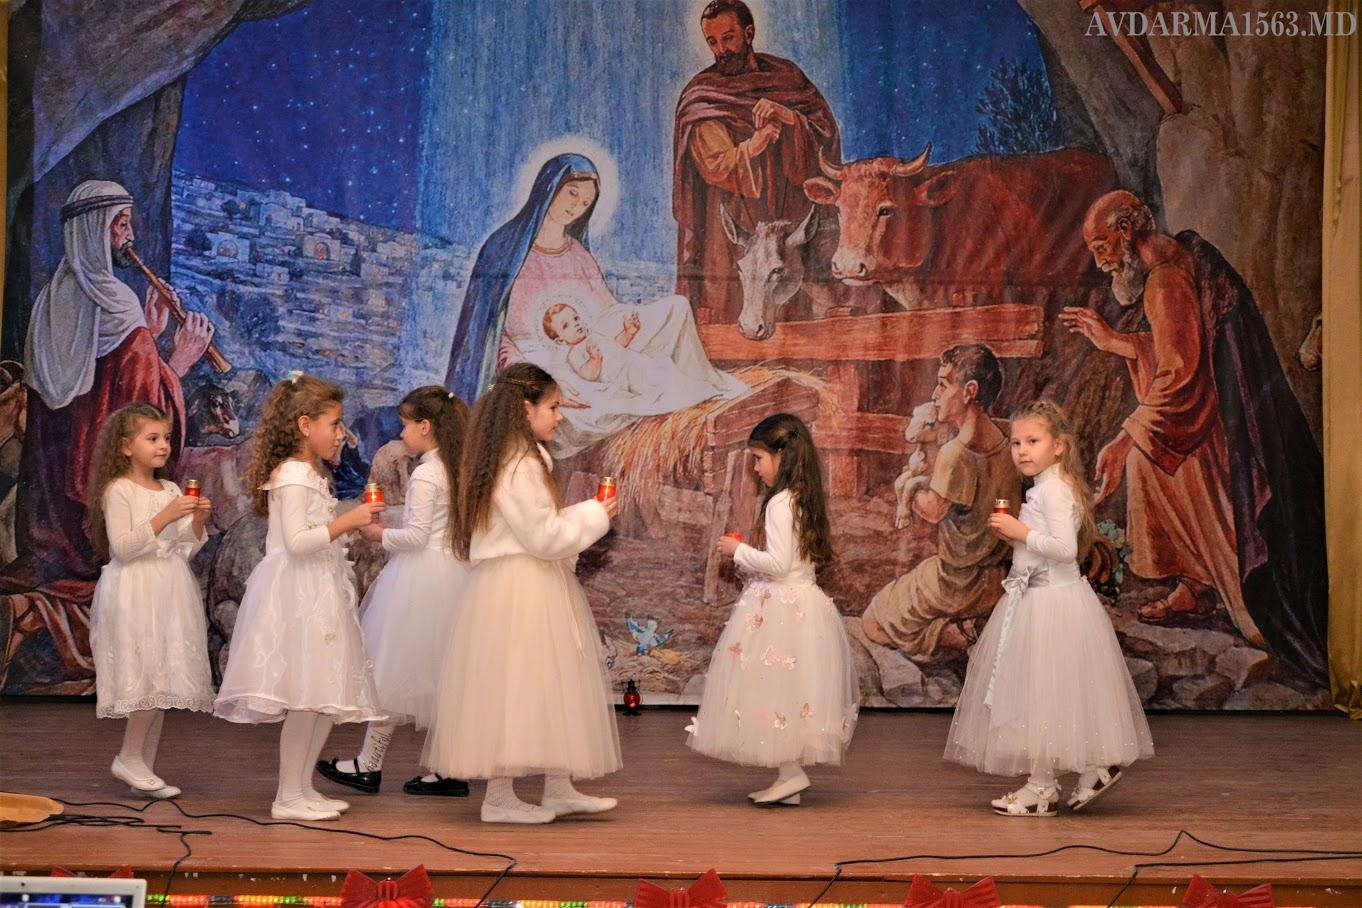 (ВИДЕО) В Авдарме состоялся Рождественский концерт